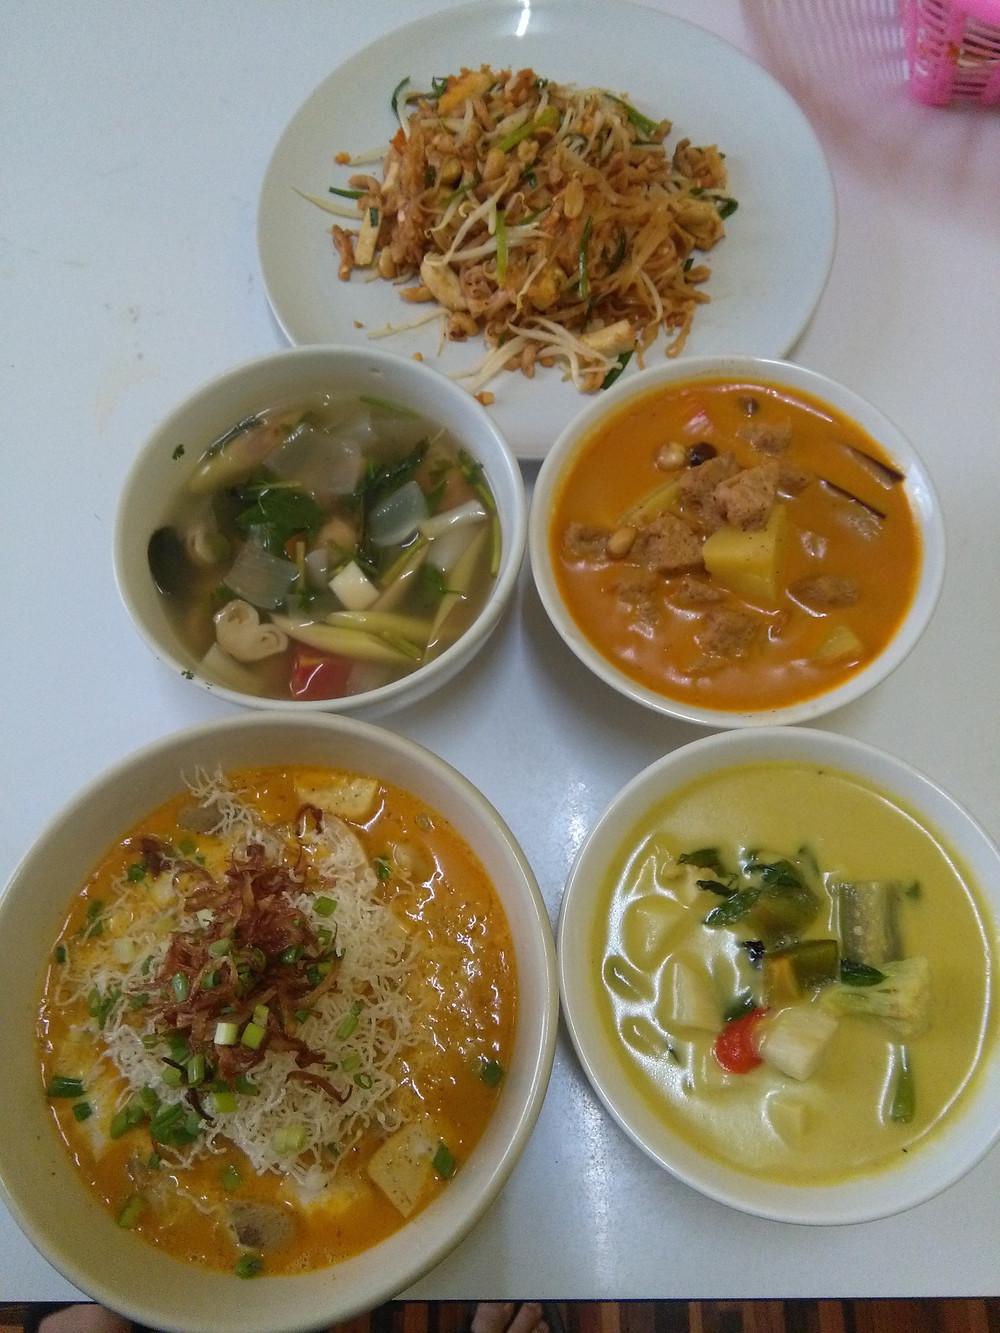 En haut: pad thai, au centre à gauche: soupe Tom Yum, au centre à droite: massaman curry, en bas à gauche: kao soy, en bas à droite: curry vert (tous véganes)